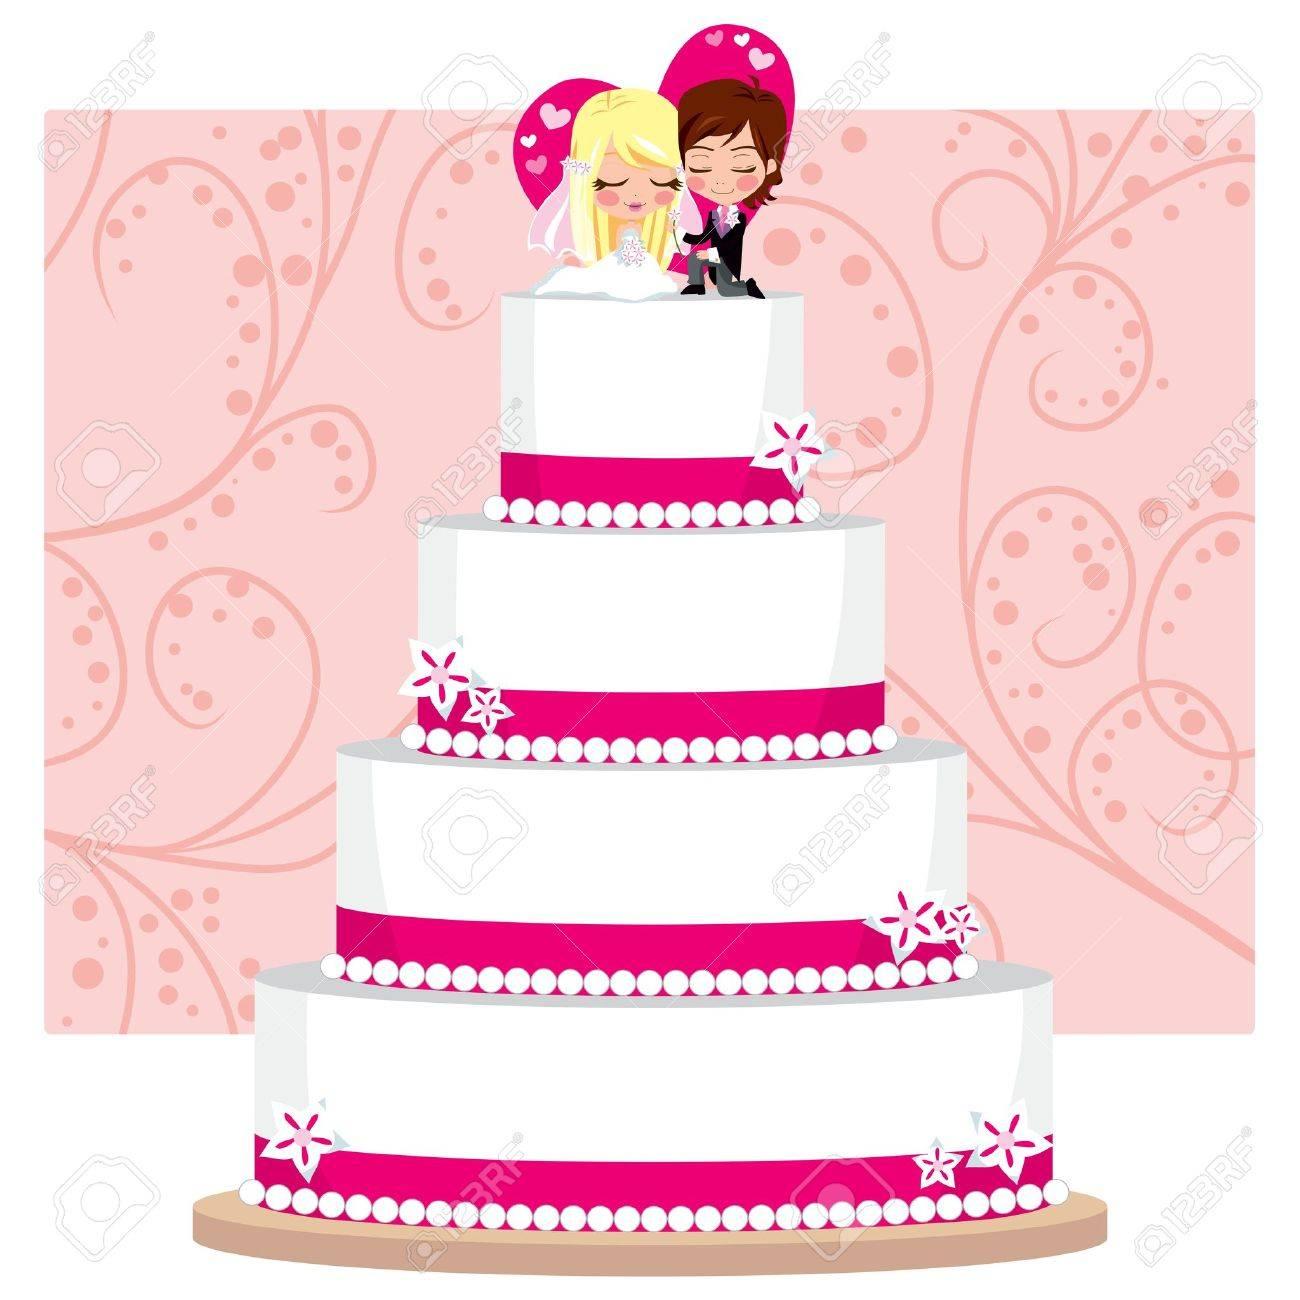 Erdbeer Hochzeitstorte Mit Blumen Und Brautigam Und Die Braut Figur